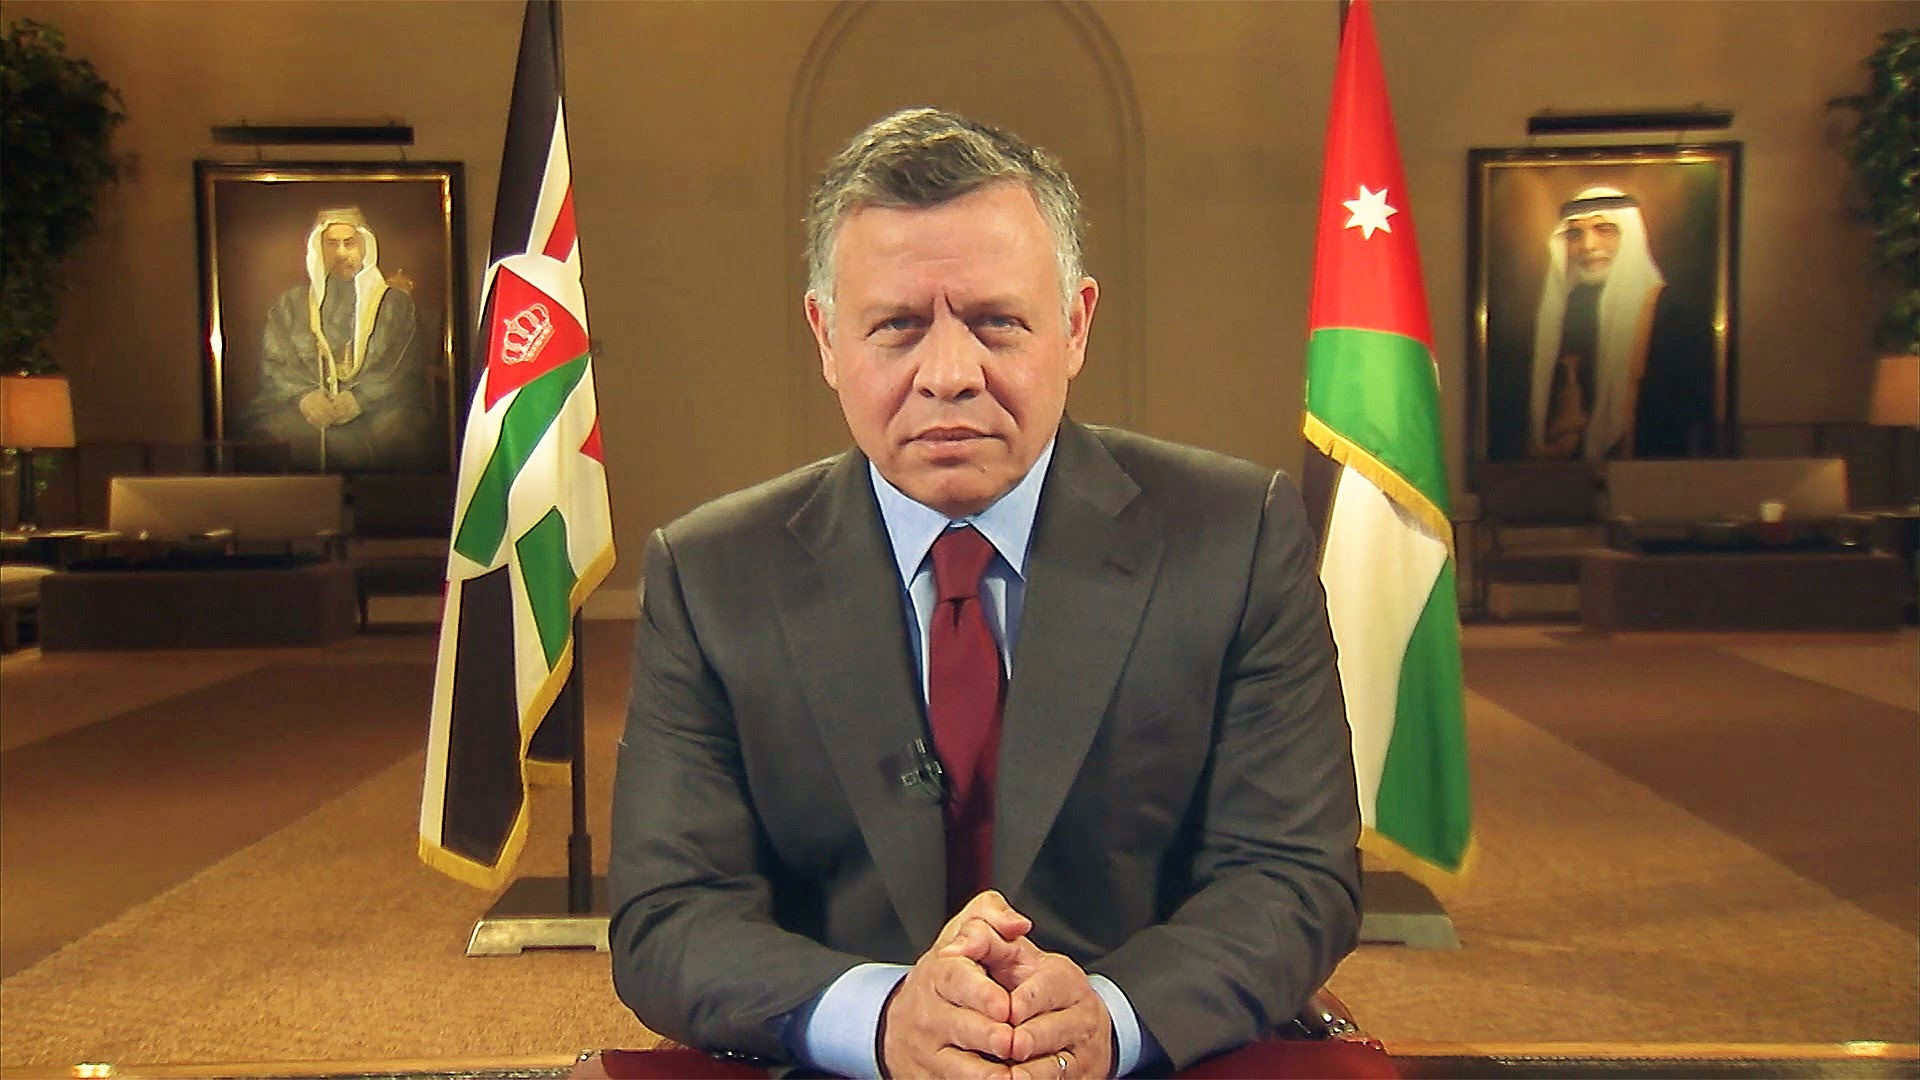 صورة ملك الأردن يقرر حل البرلمان